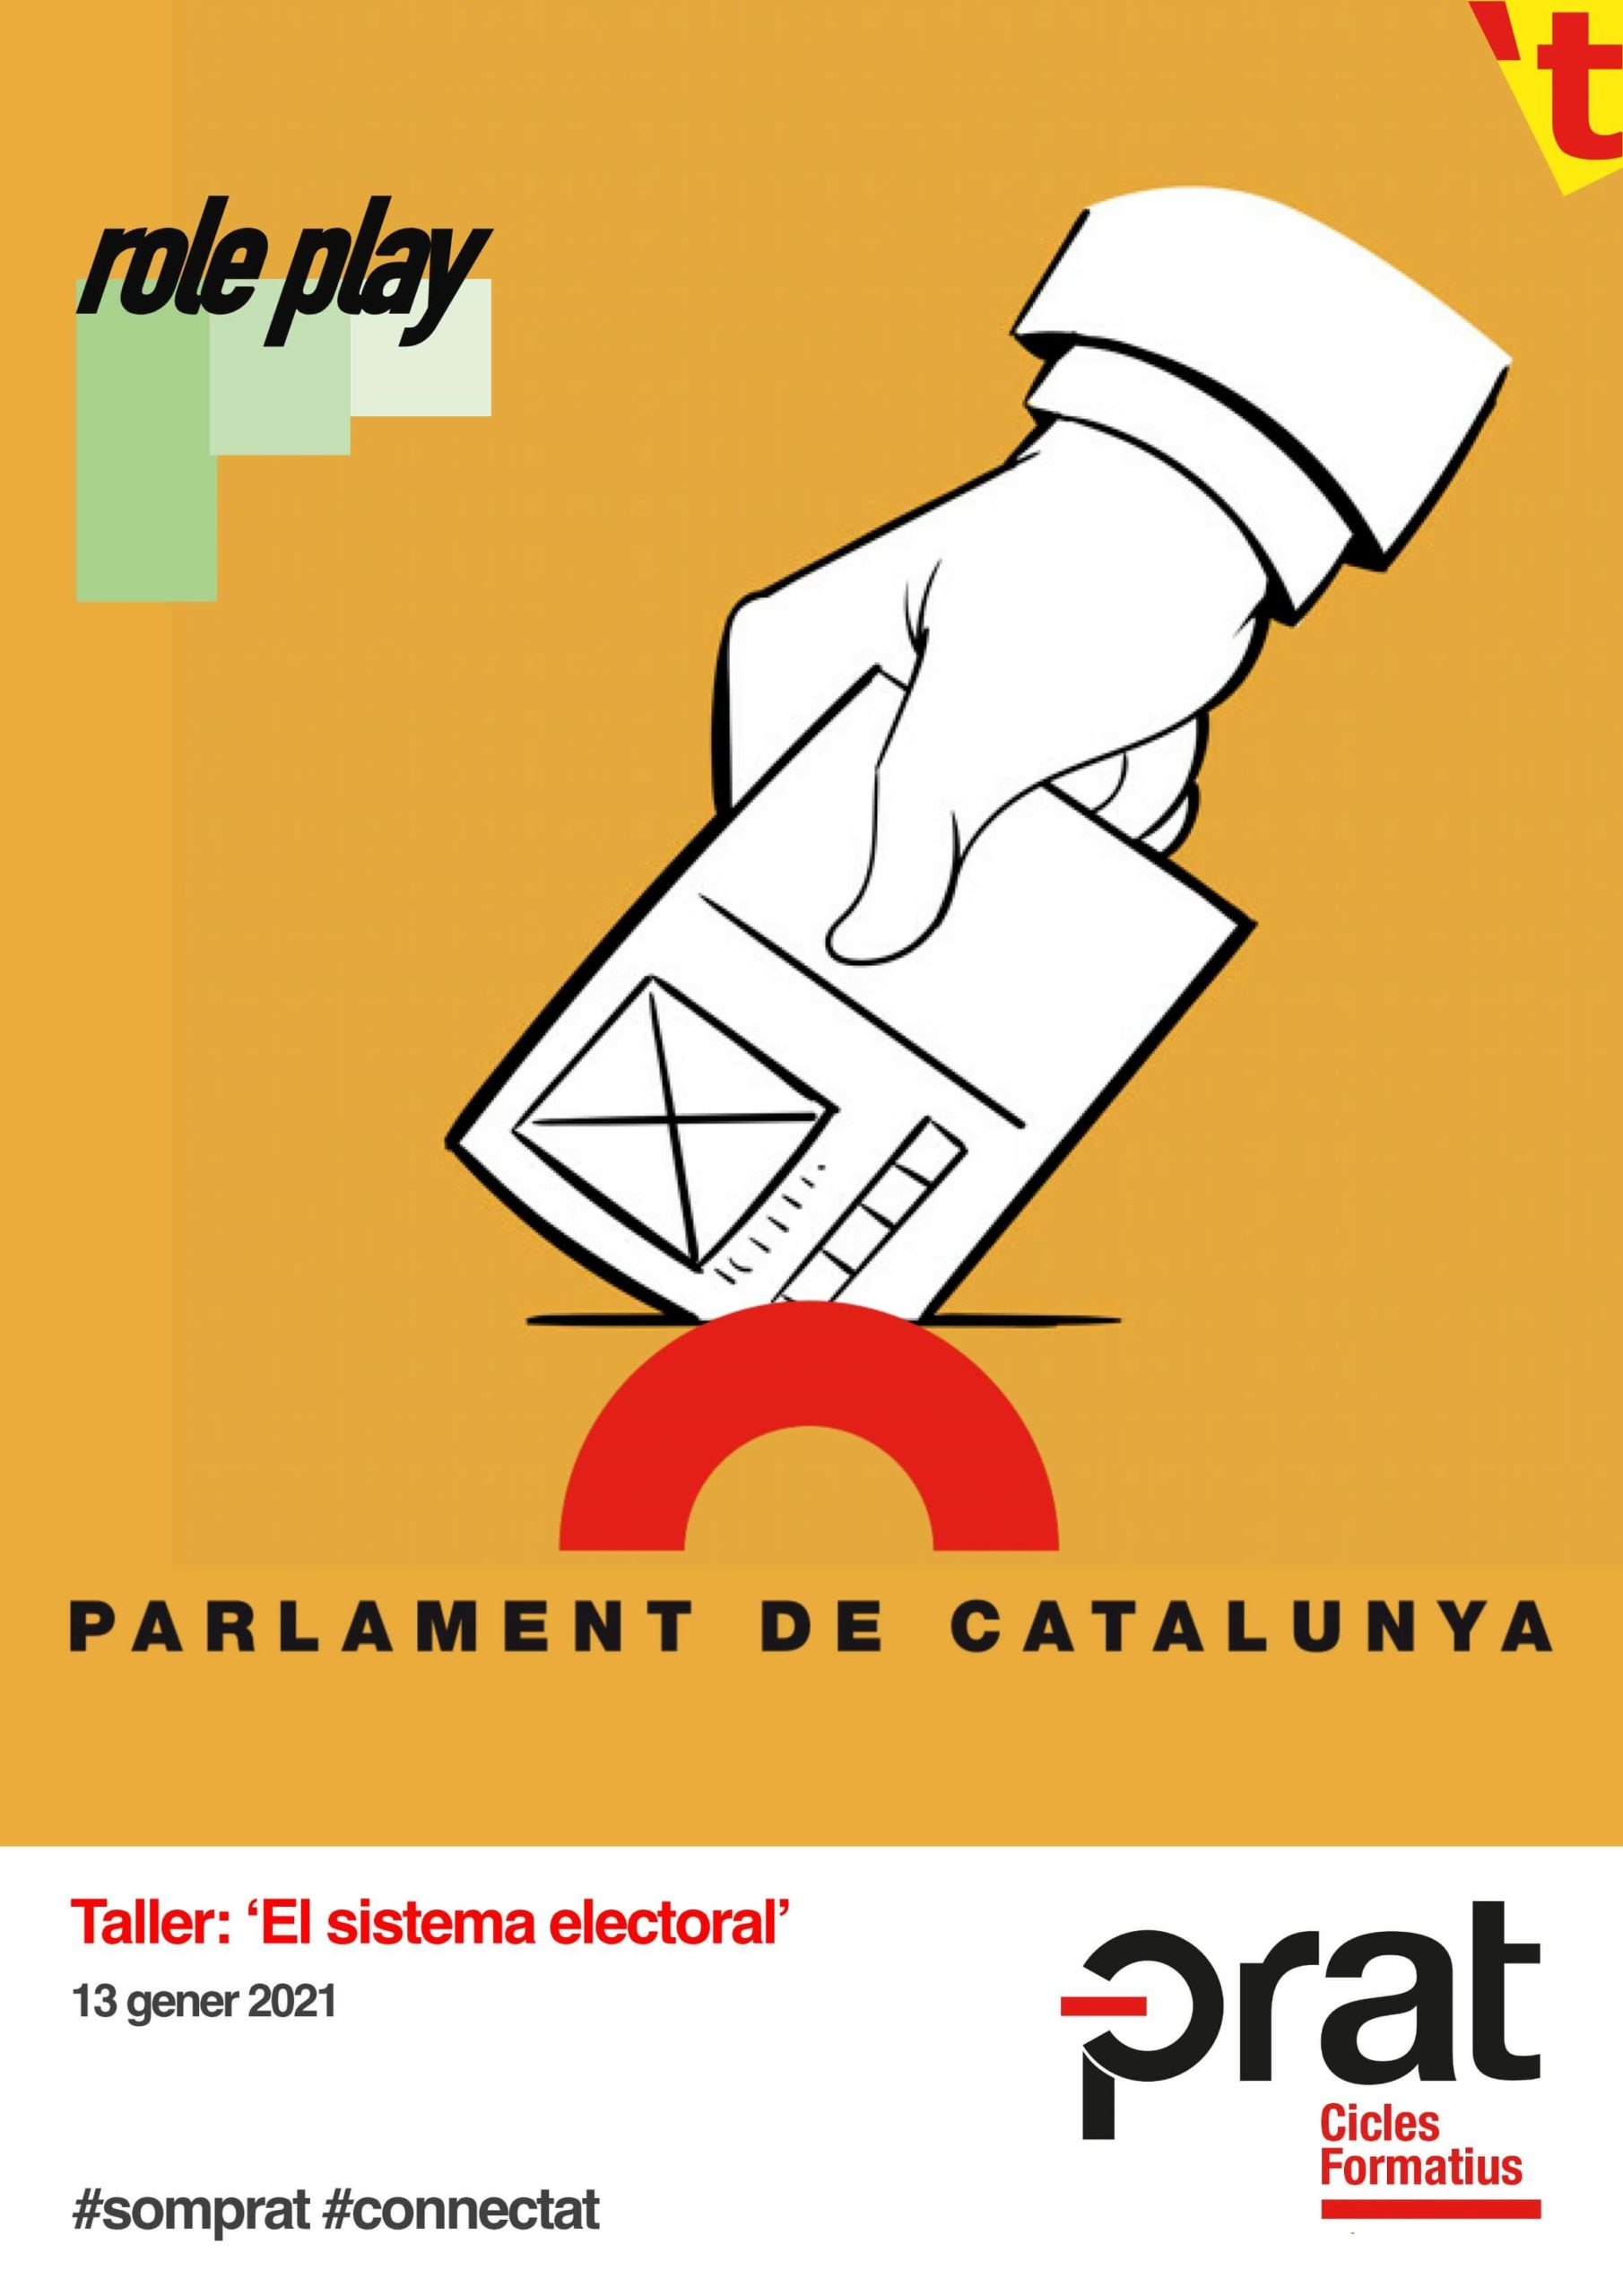 Taller el sistema electoral